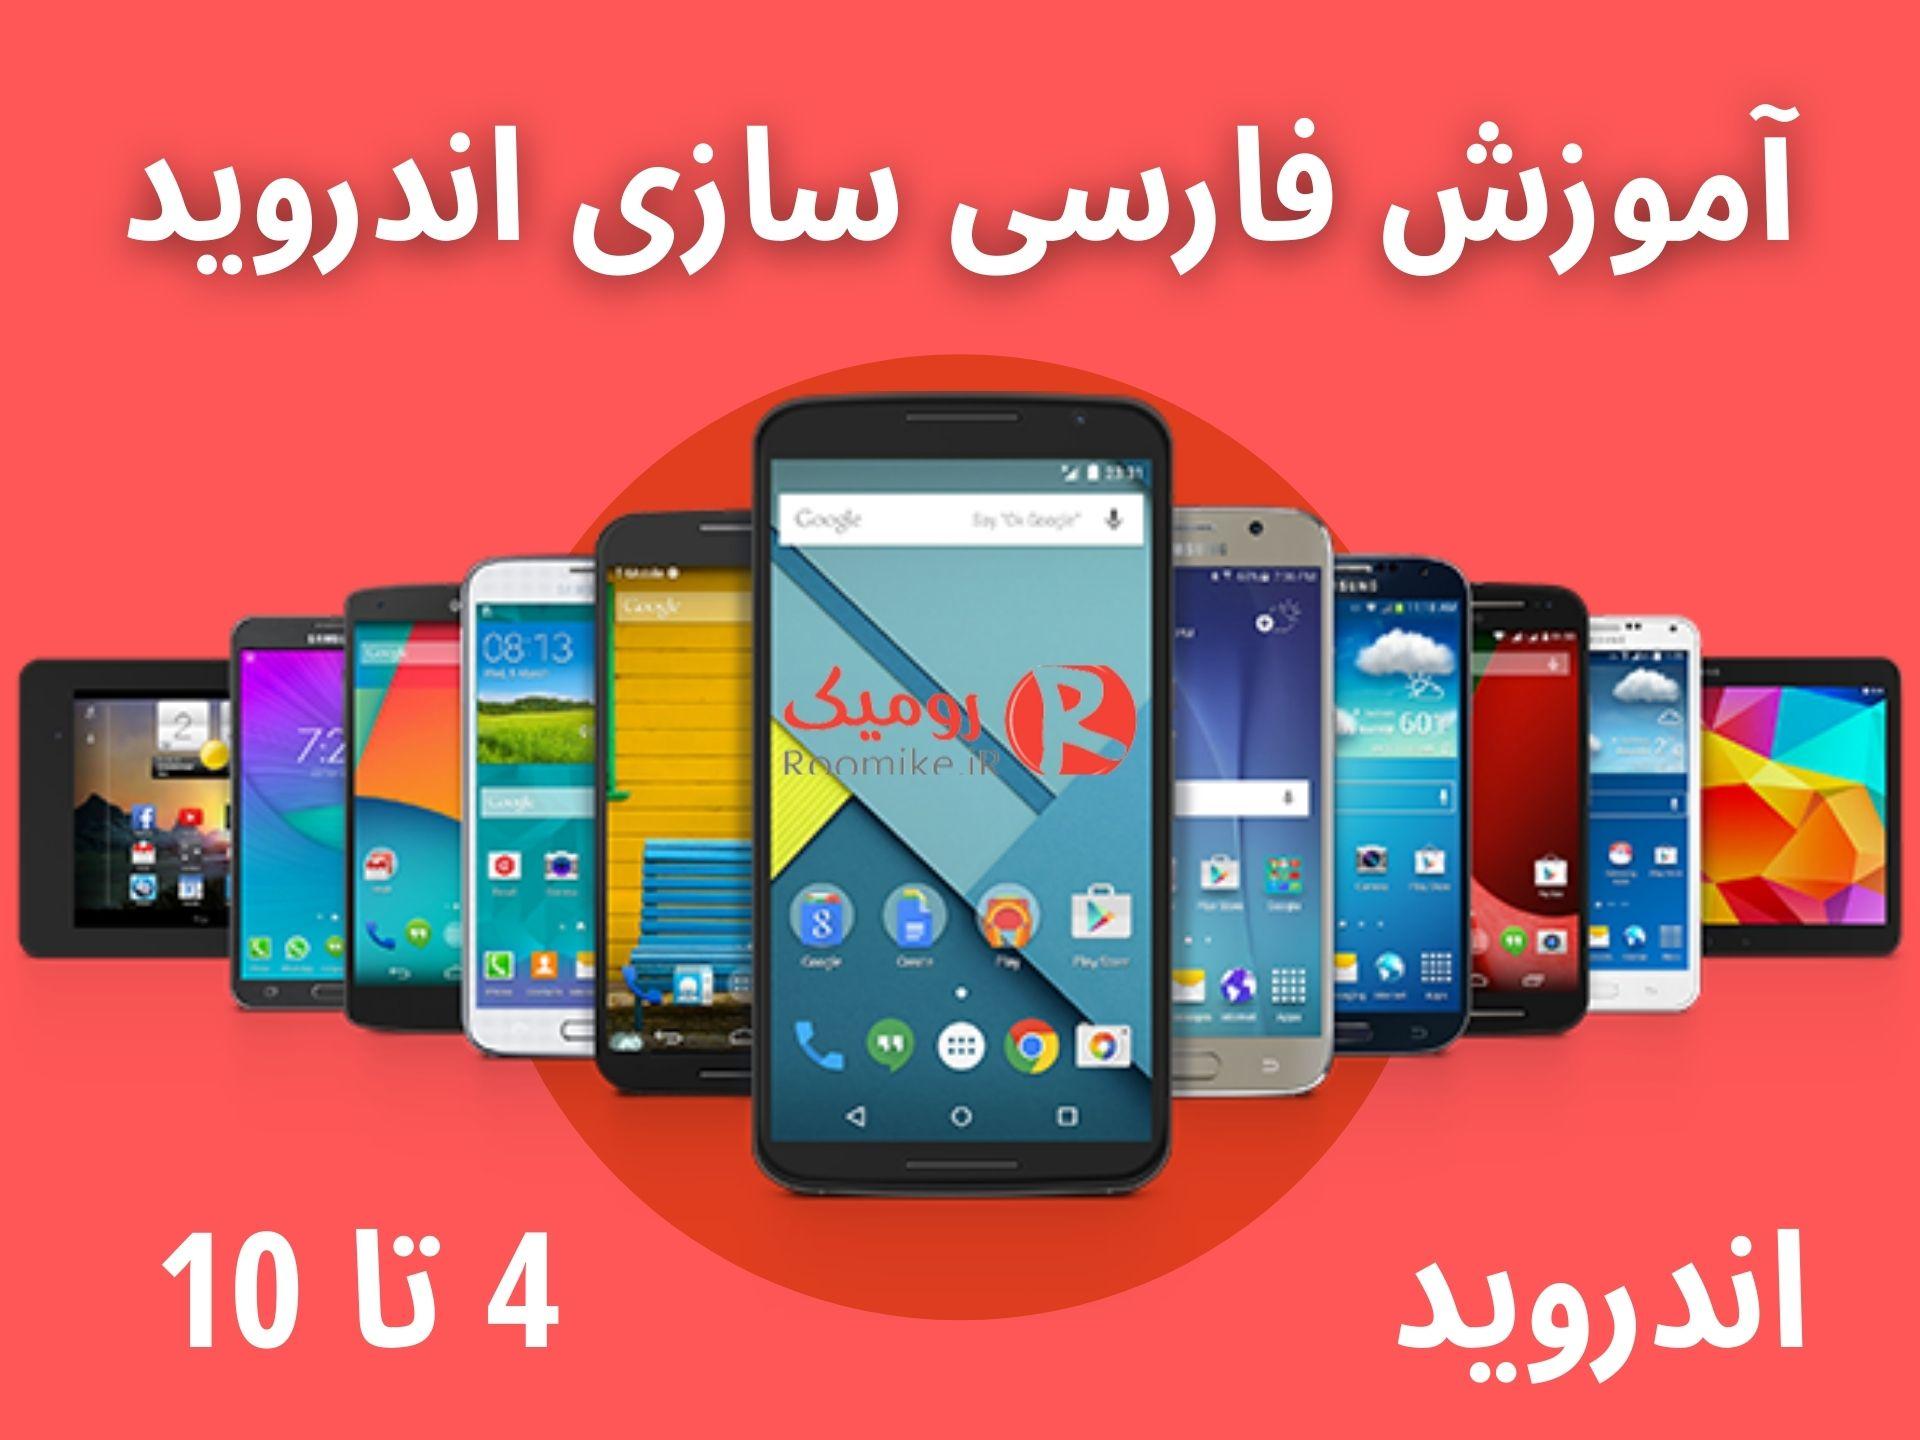 دانلود فایل فارسی سازی اندروید 4 تا 10 با کامپیوتر